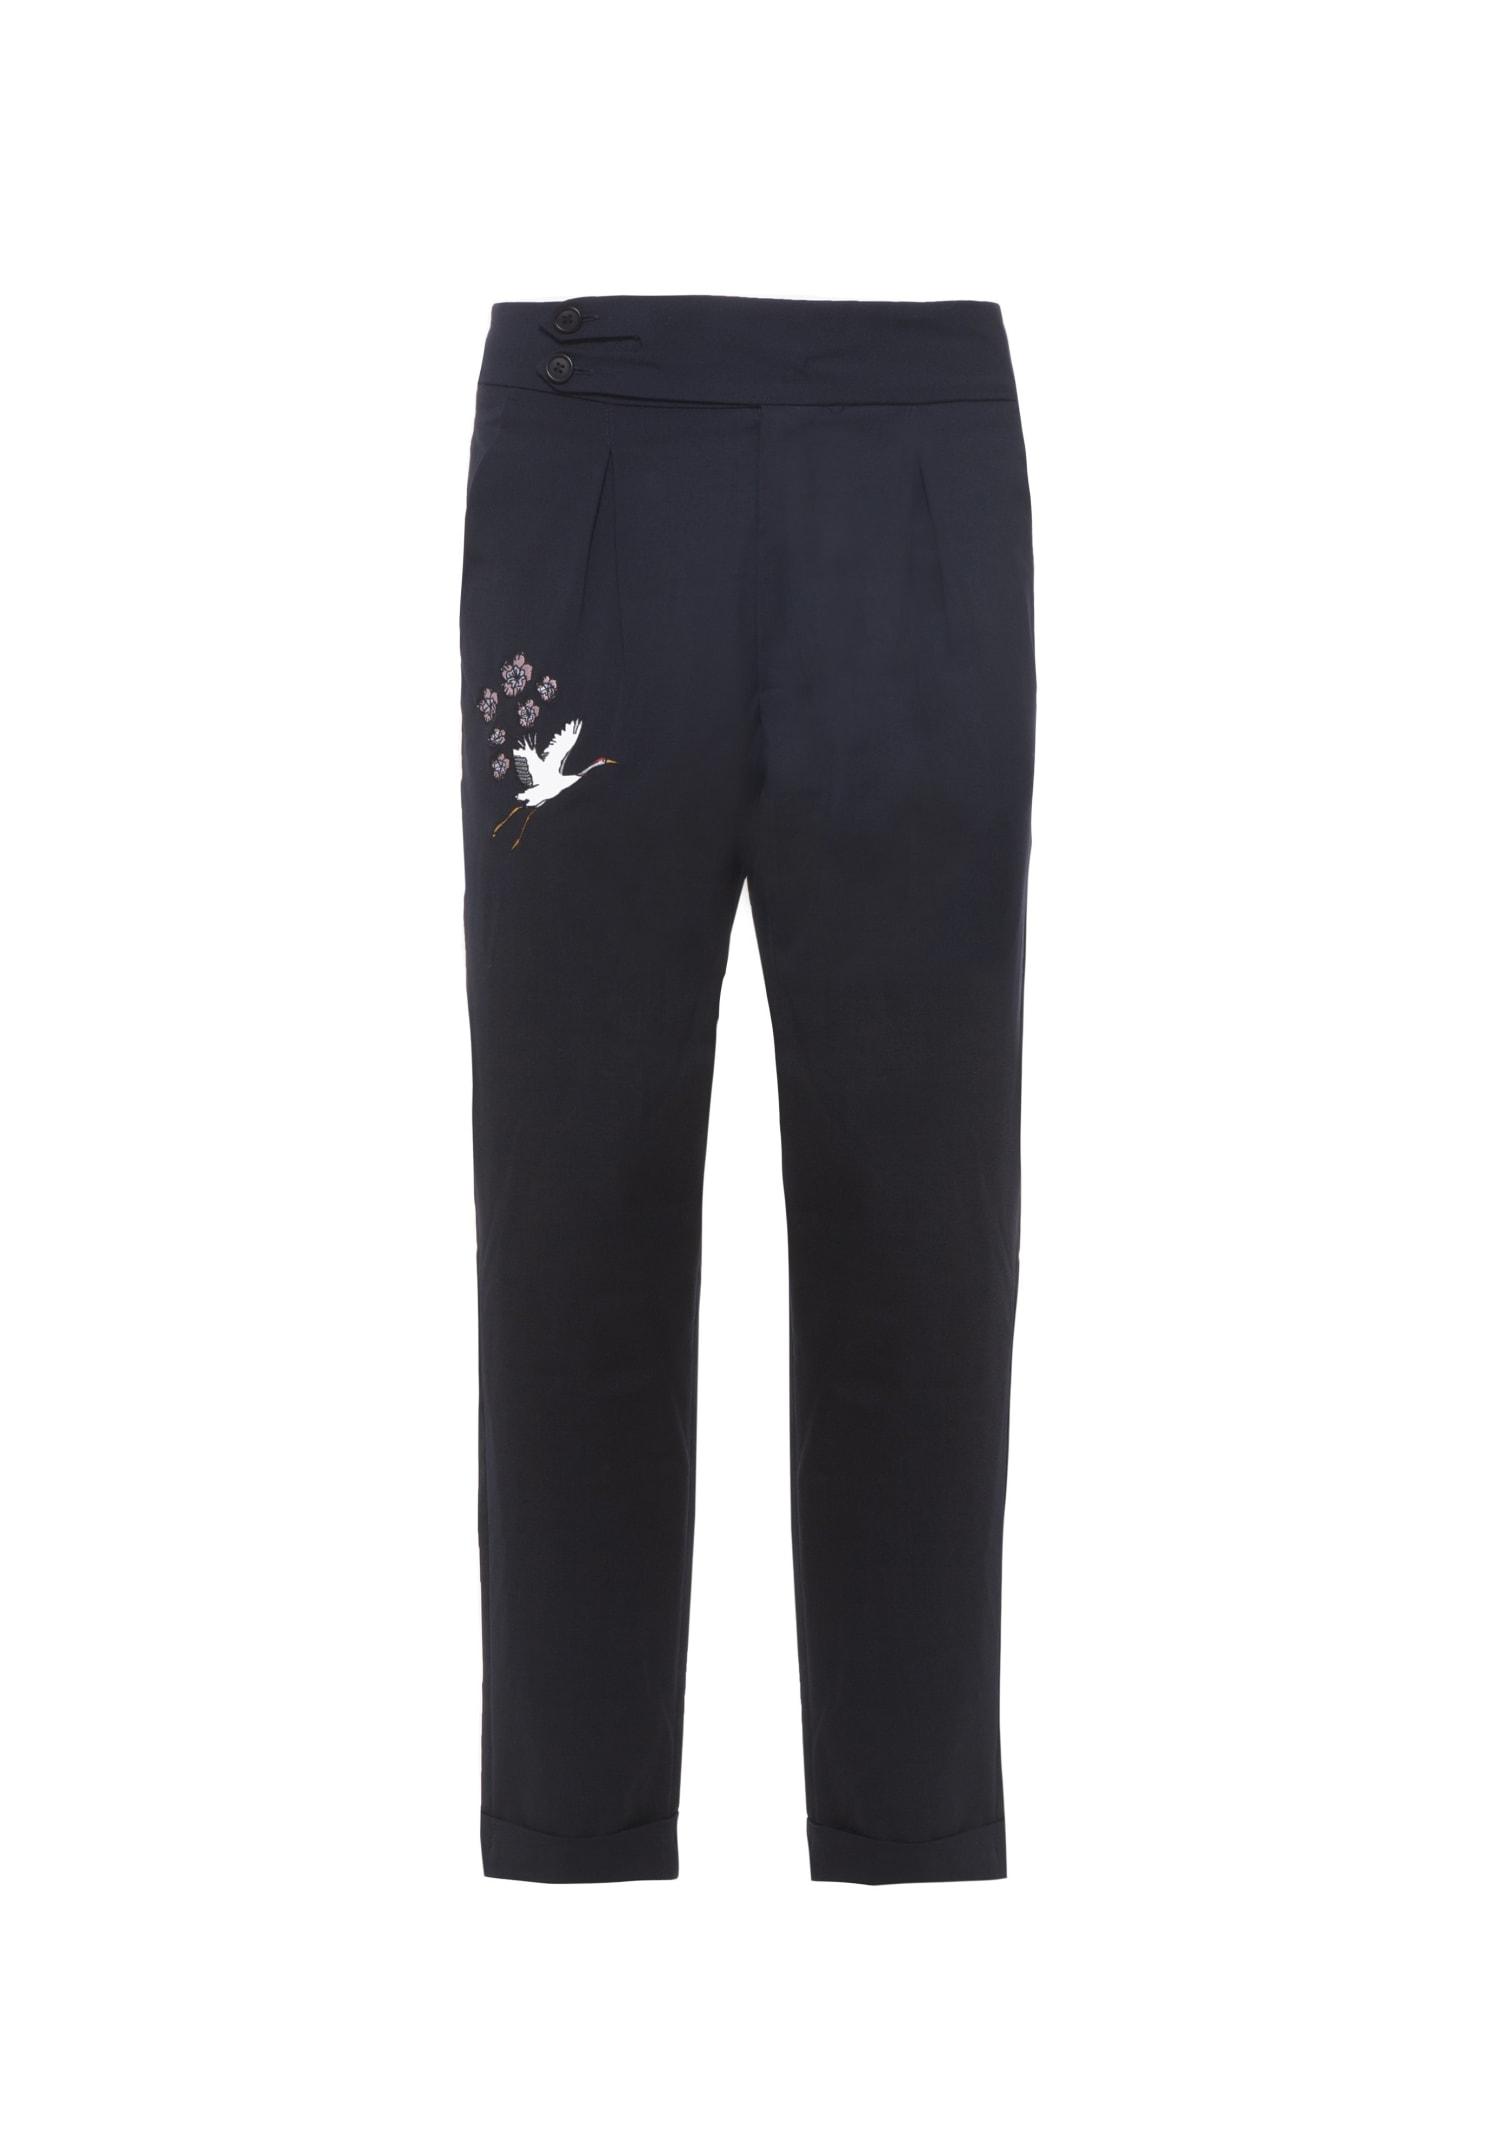 Pants Japan Blue